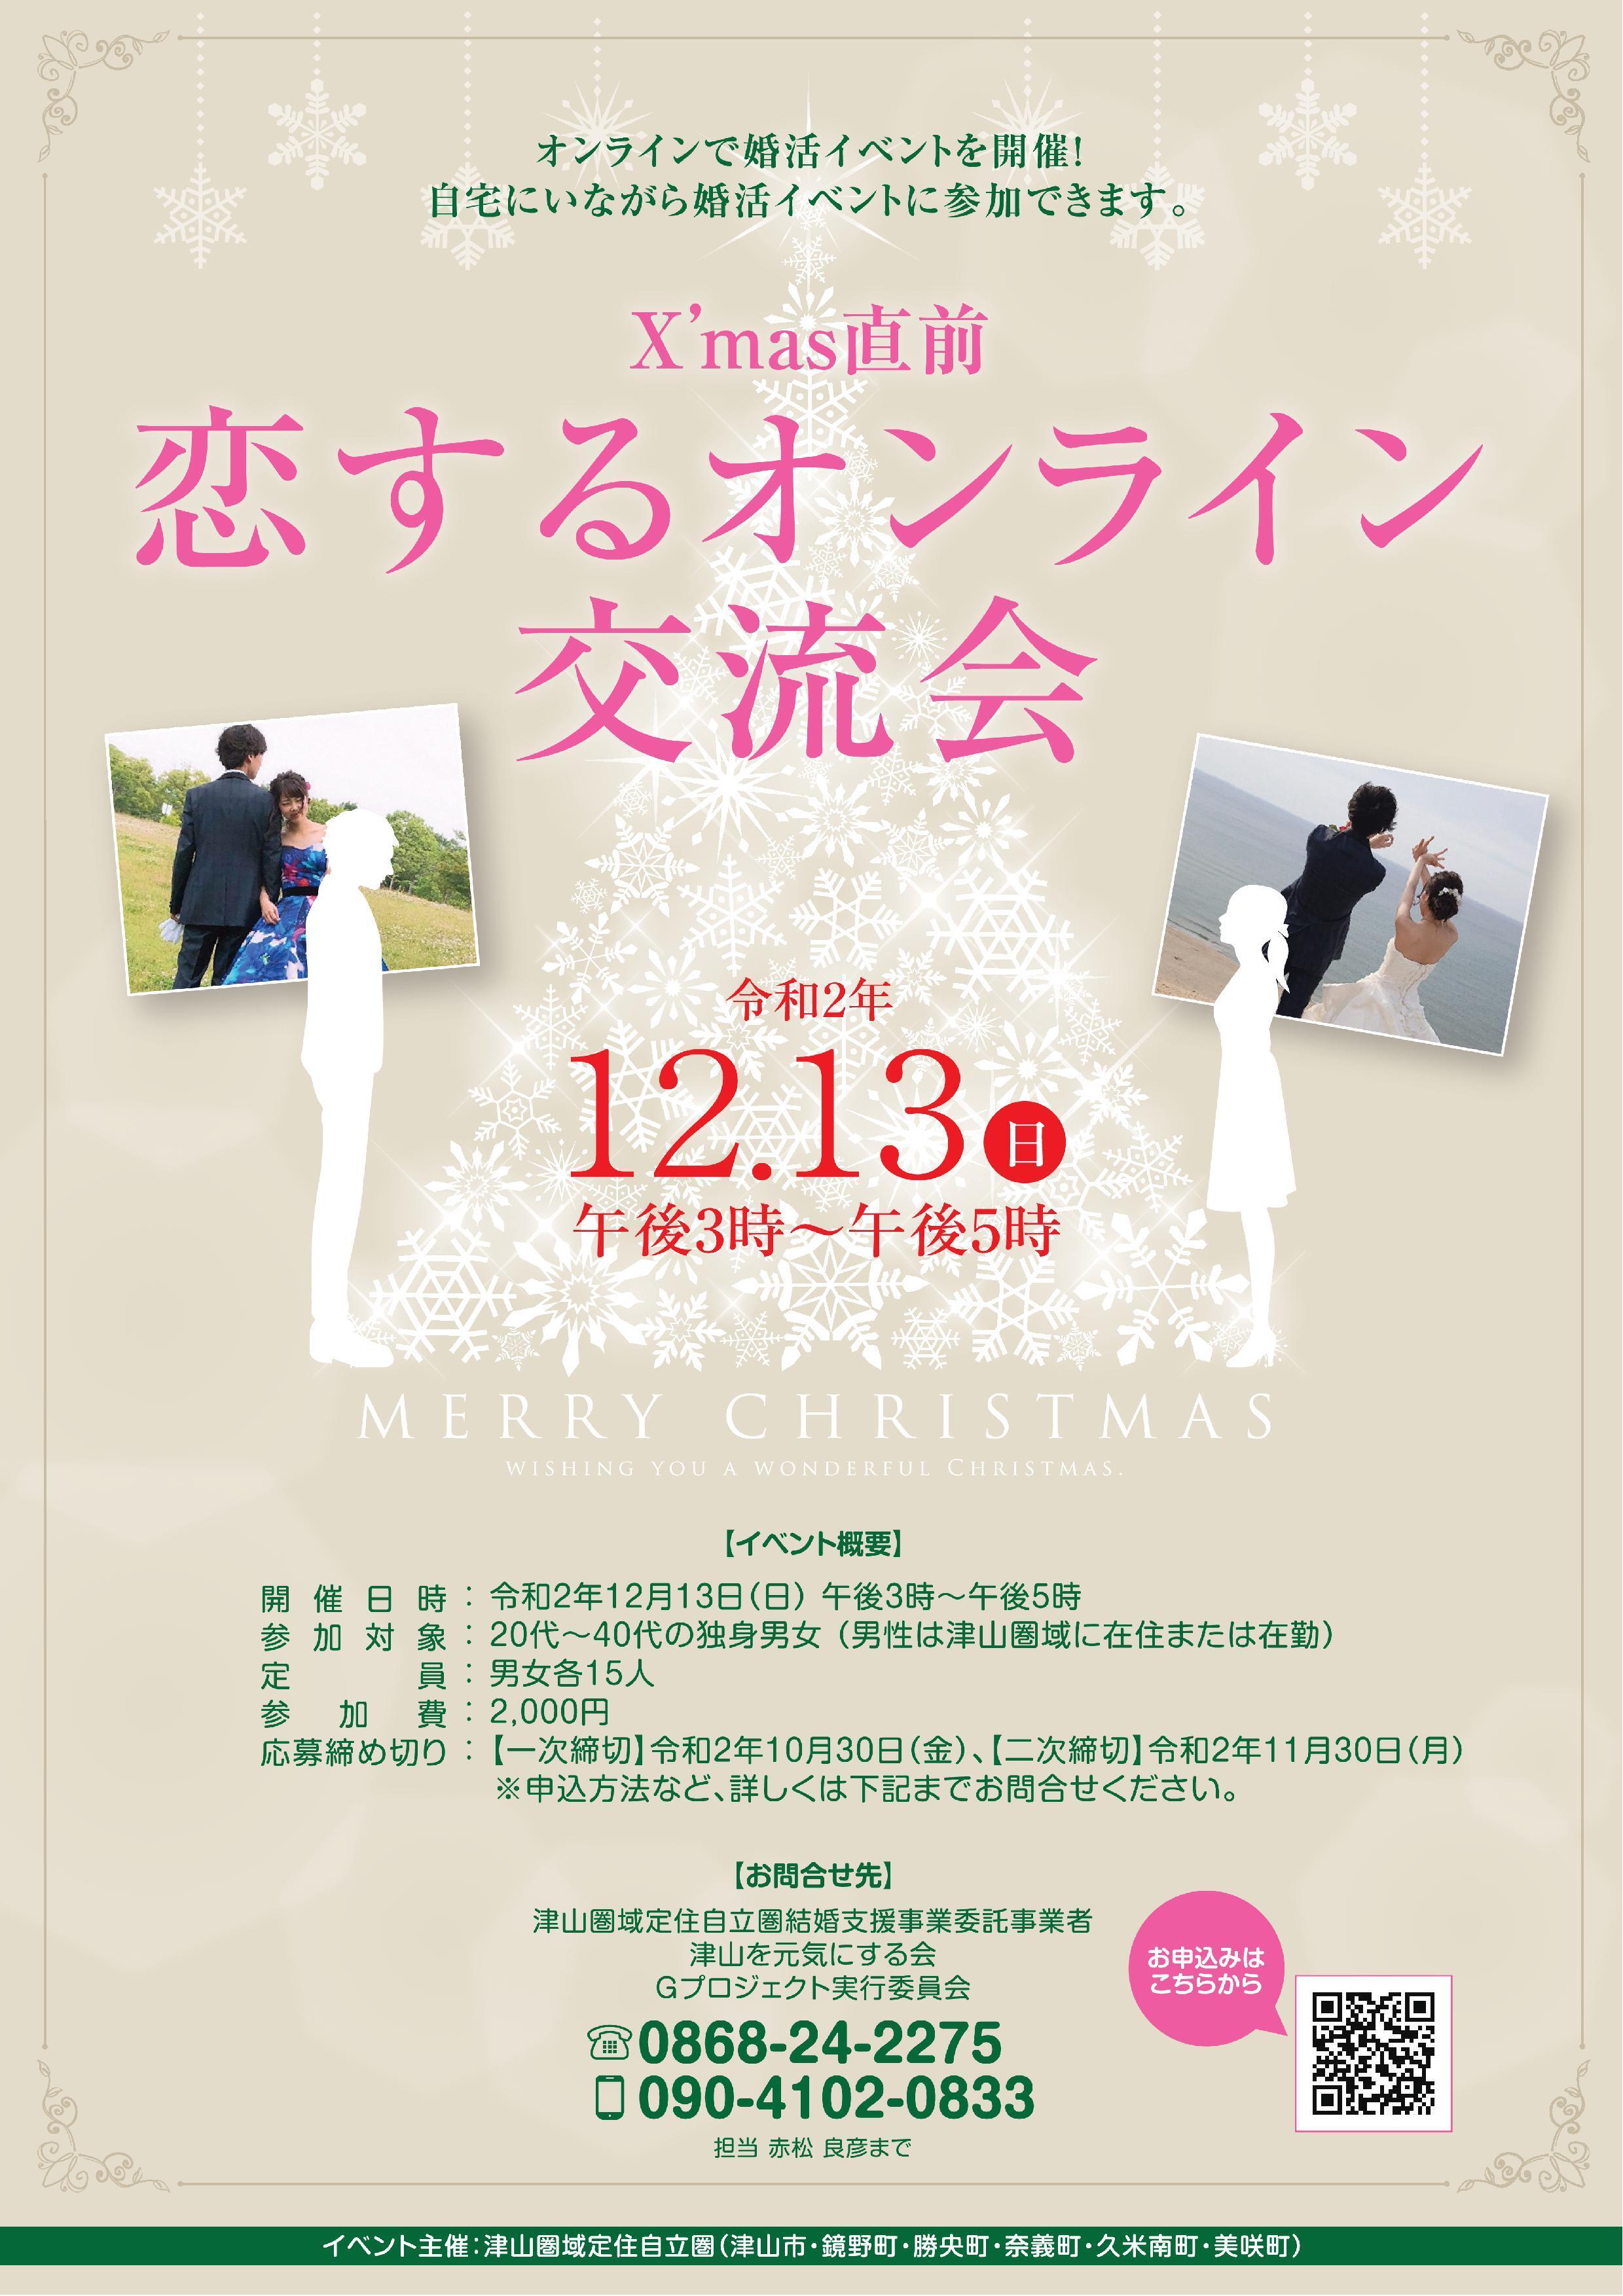 2020年12月13日(日)開催 「X'mas直前 恋するオンライン交流会」参加者募集のお知らせ